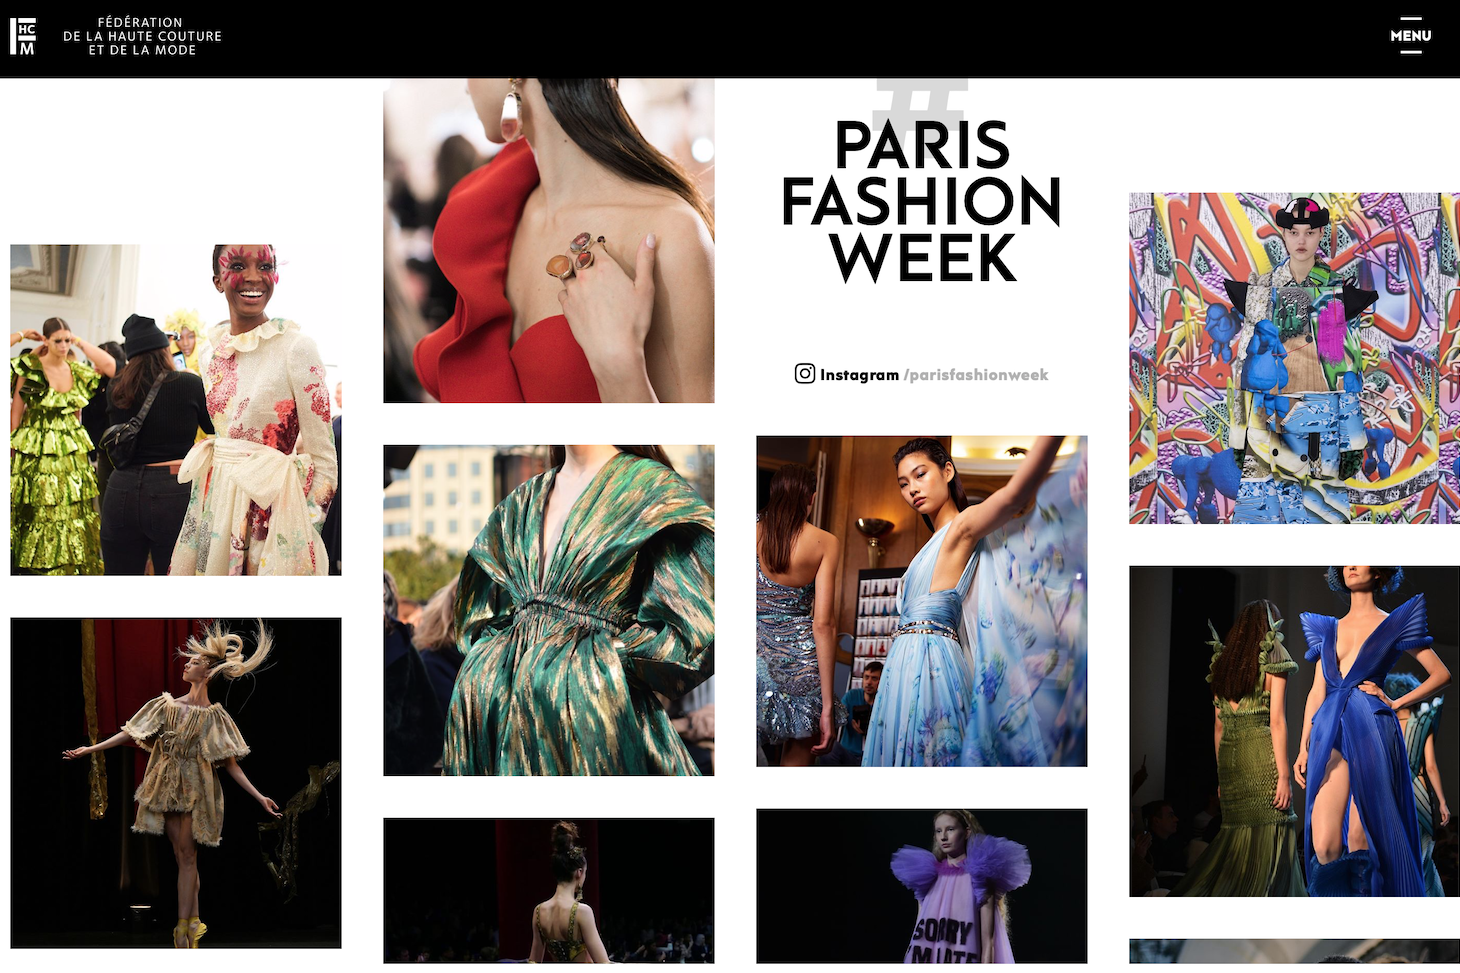 2月巴黎女装周发布官方日程,五位华人设计师参与